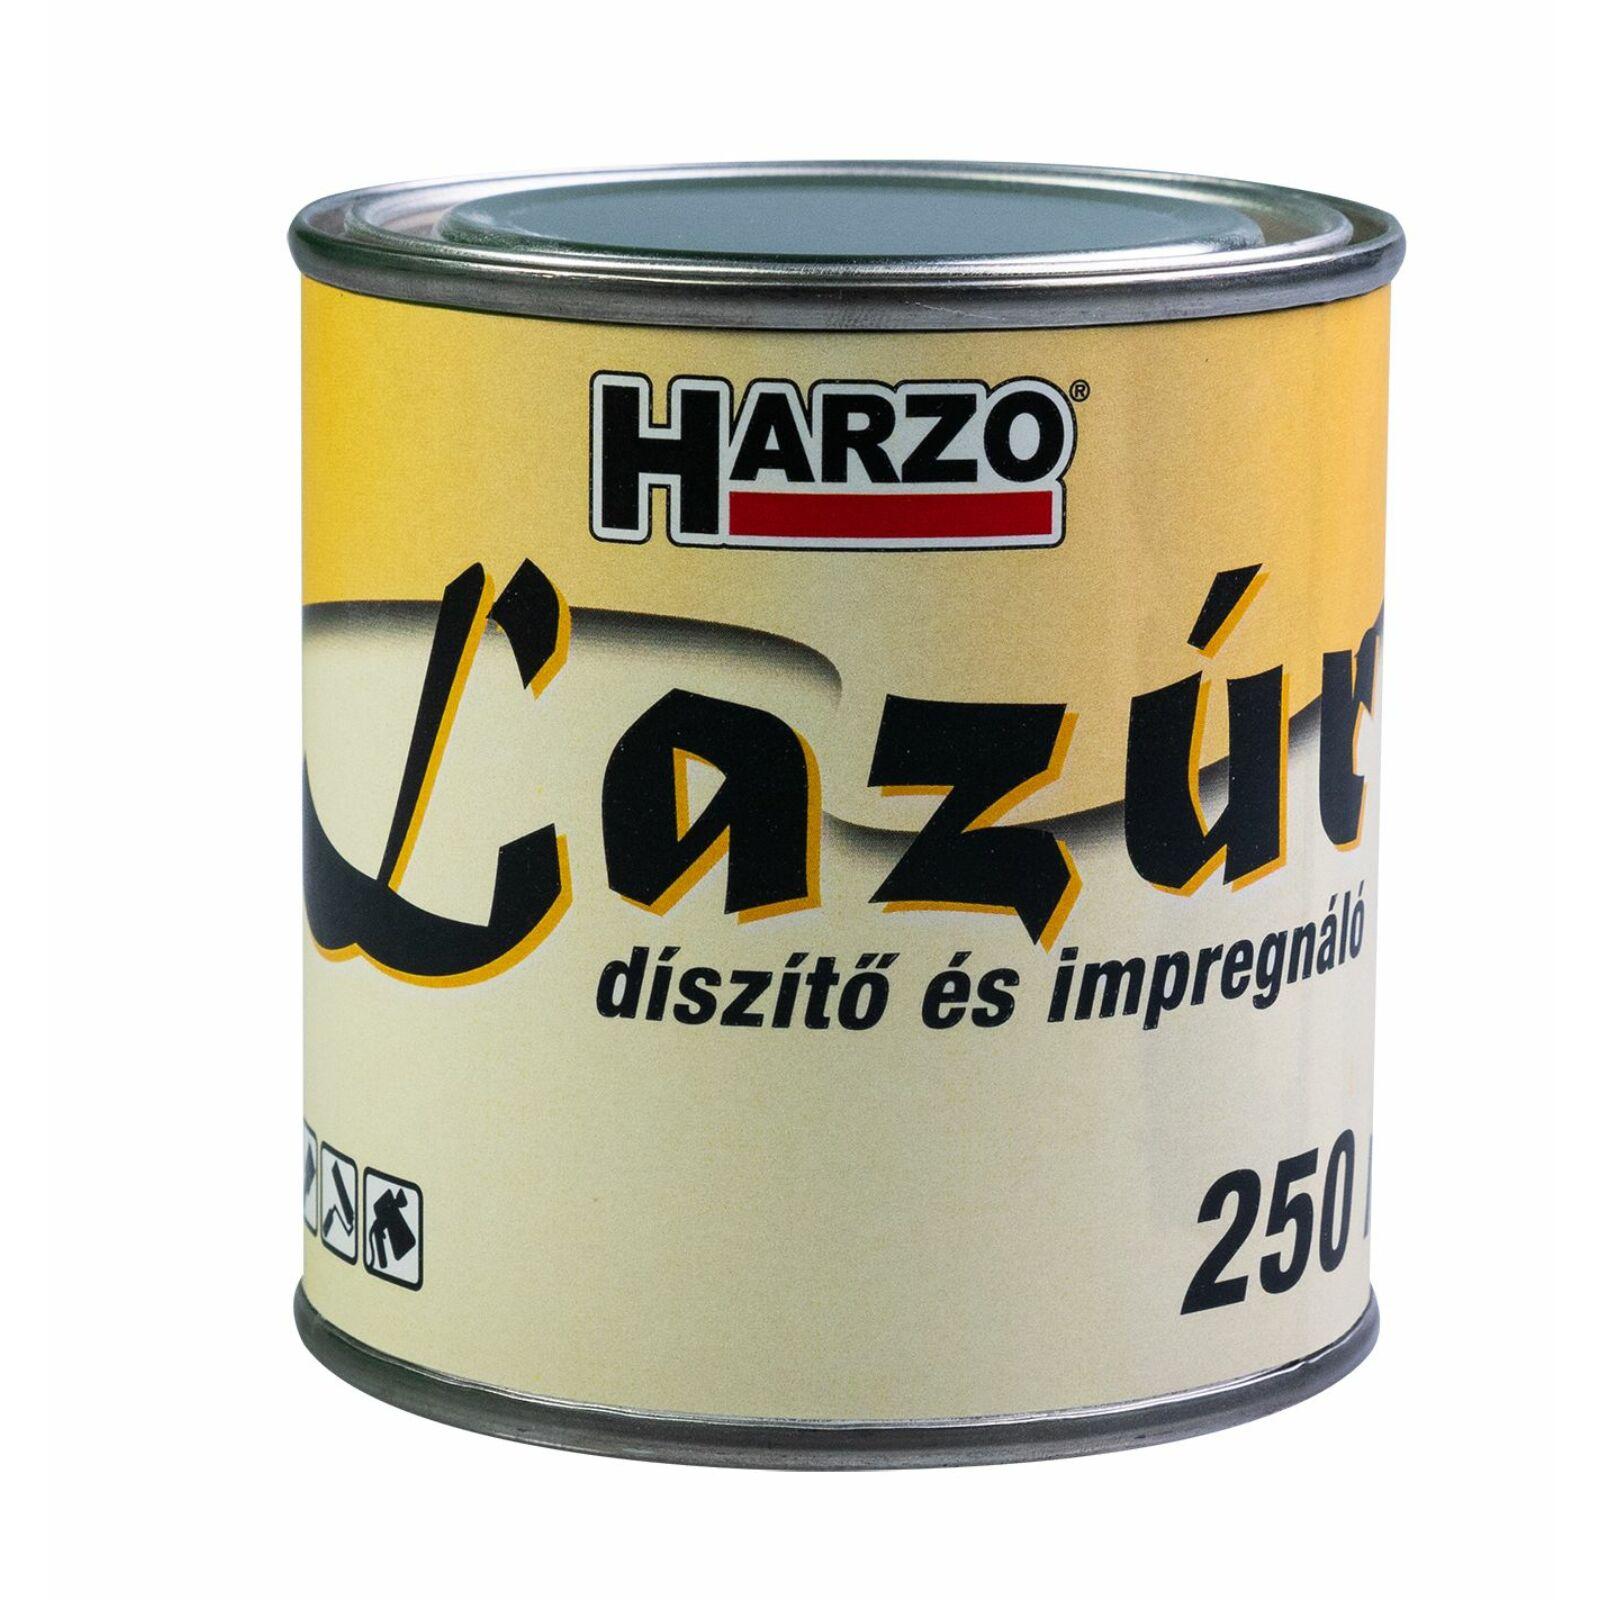 HARZO-Fallazúr imp. és díszítőanyag [0,25 l]